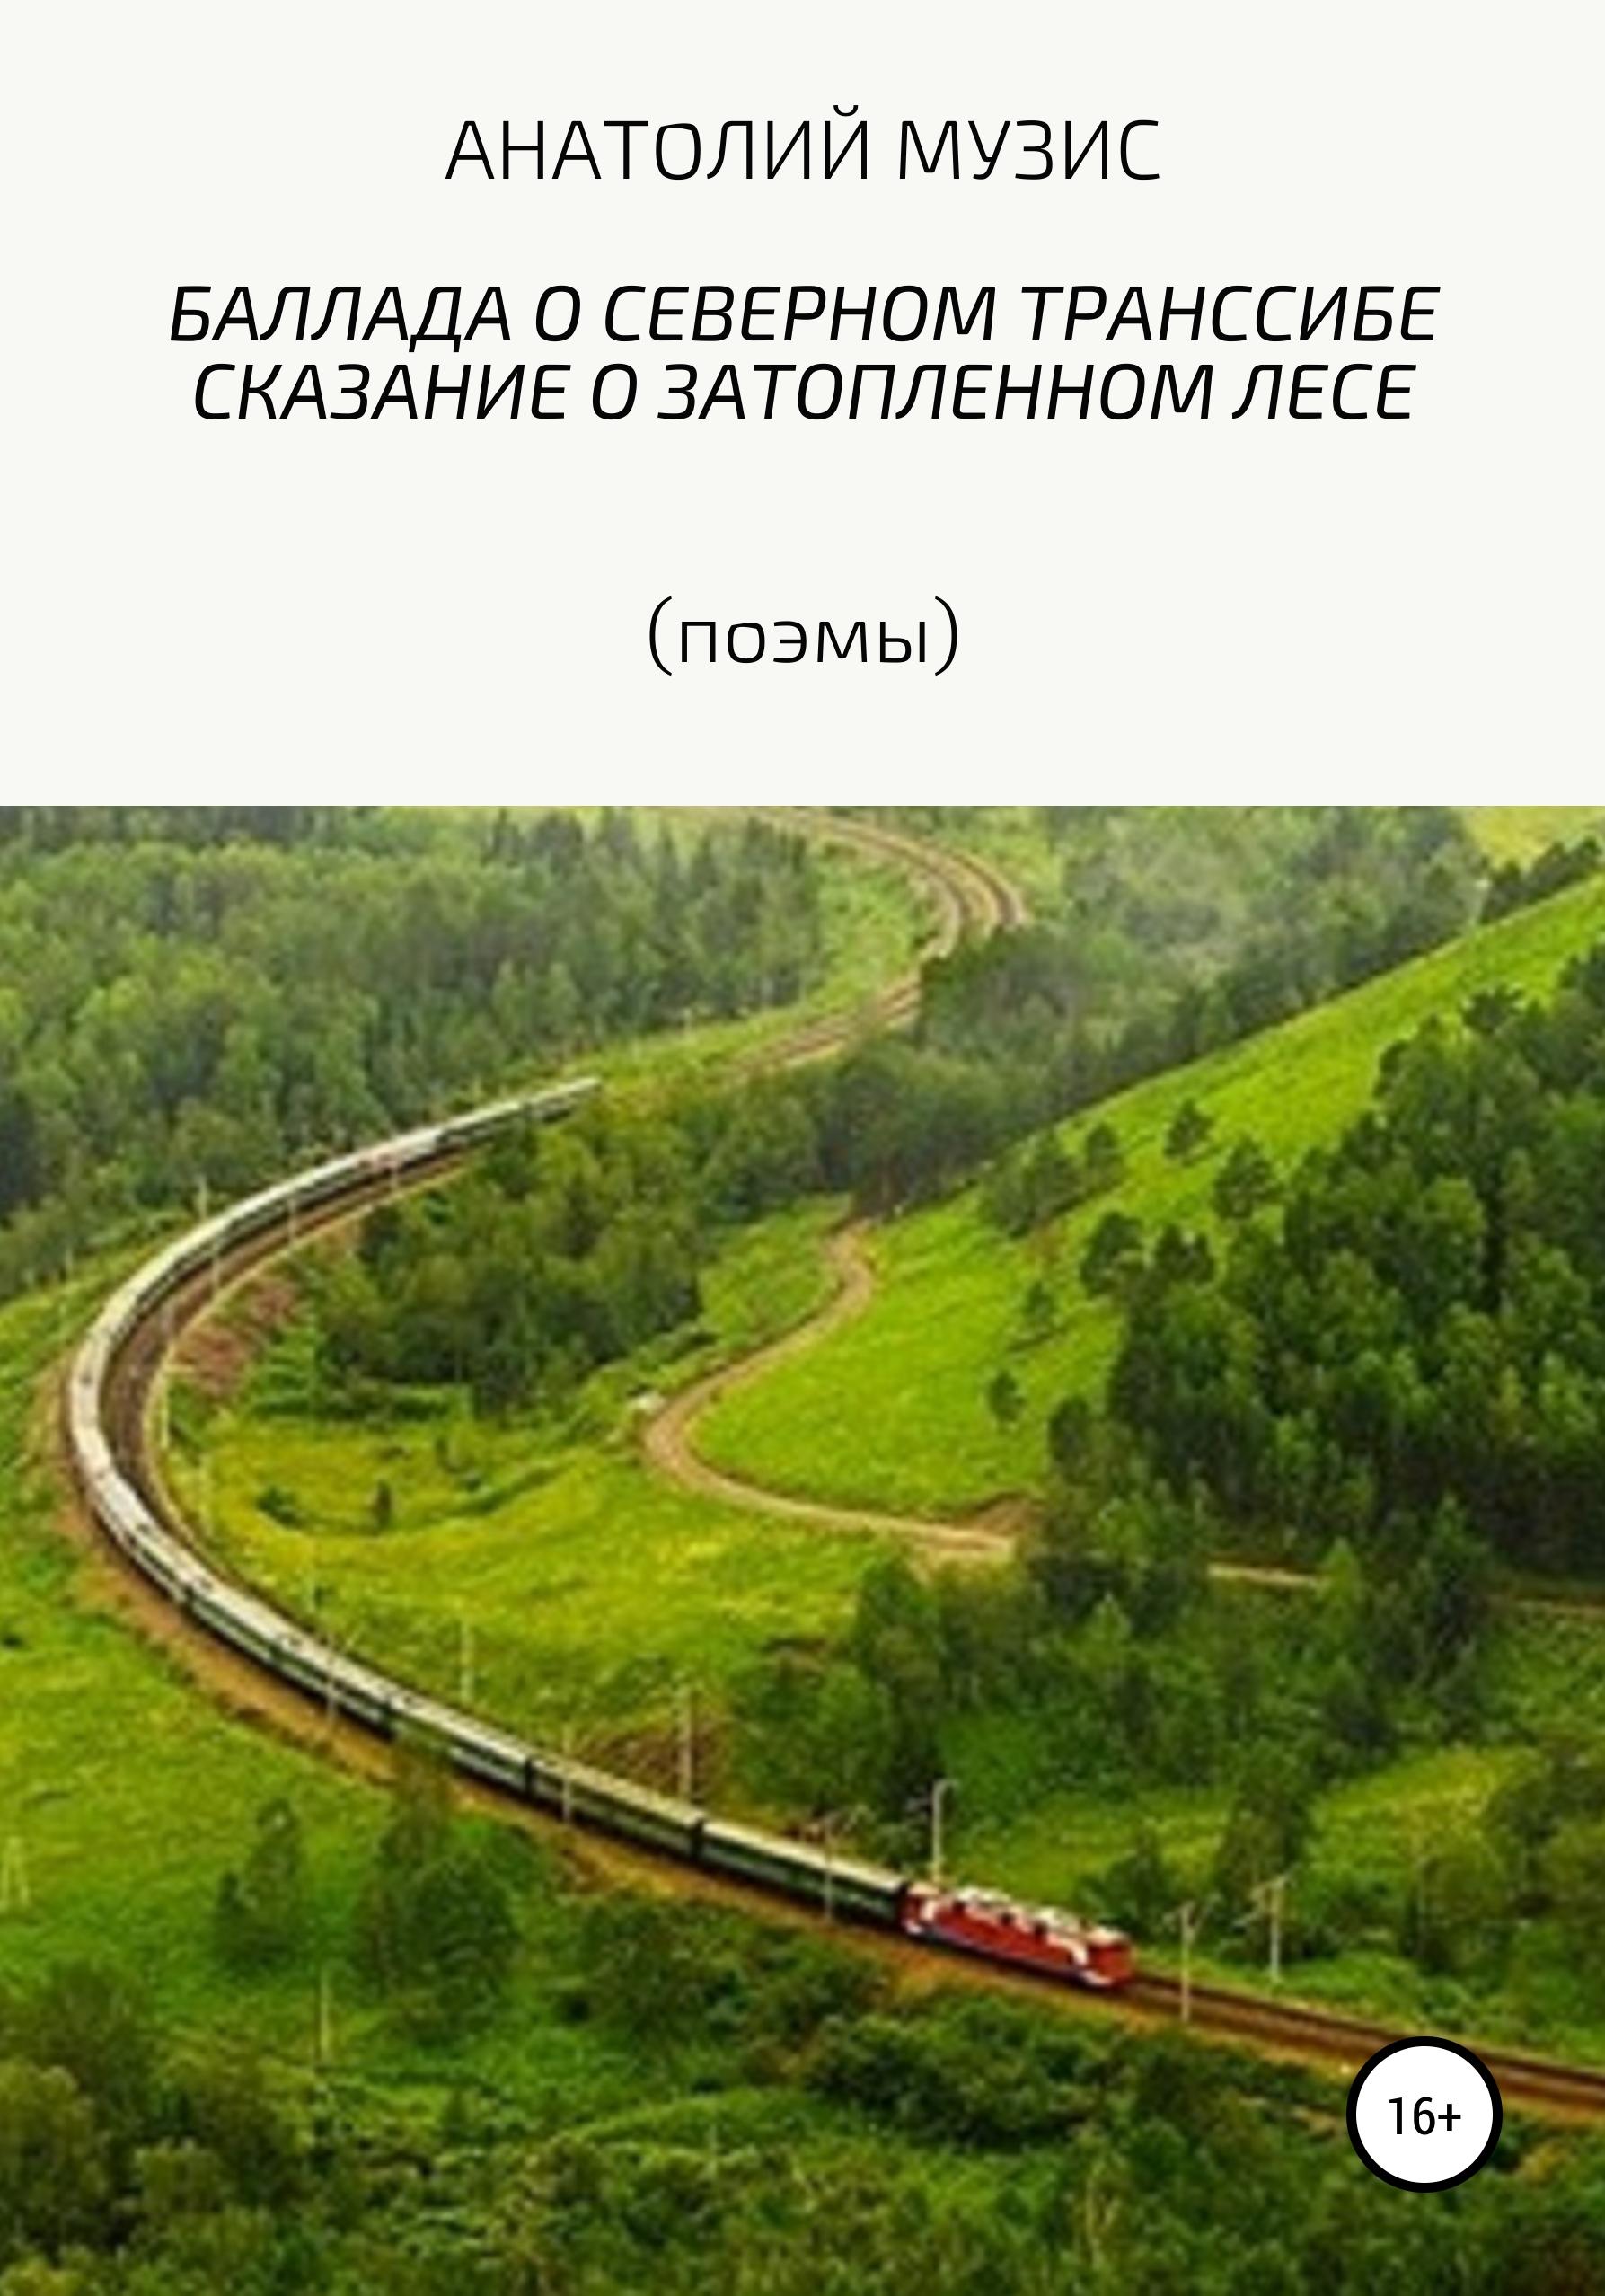 Фото - Анатолий Музис Баллада о Северном Транссибе (поэма) фото